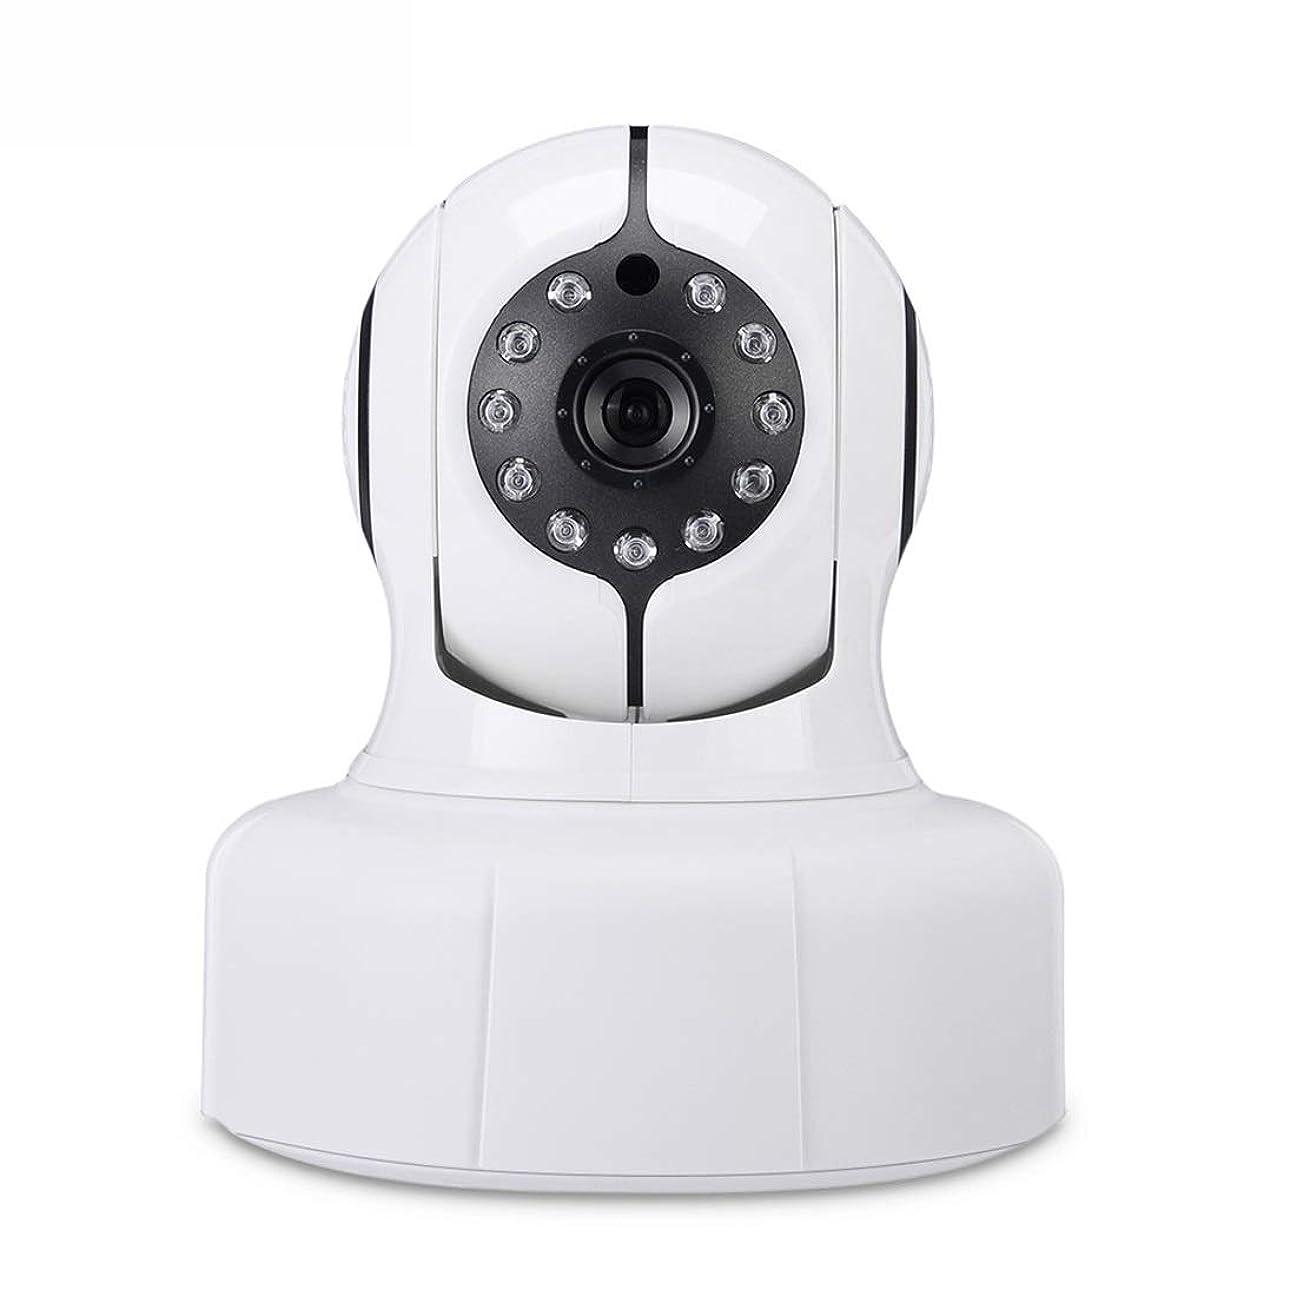 駐地袋心臓方朝日スポーツ用品店 HDネットワークカメラPTZ半球監視カメラ1080 pカメラ